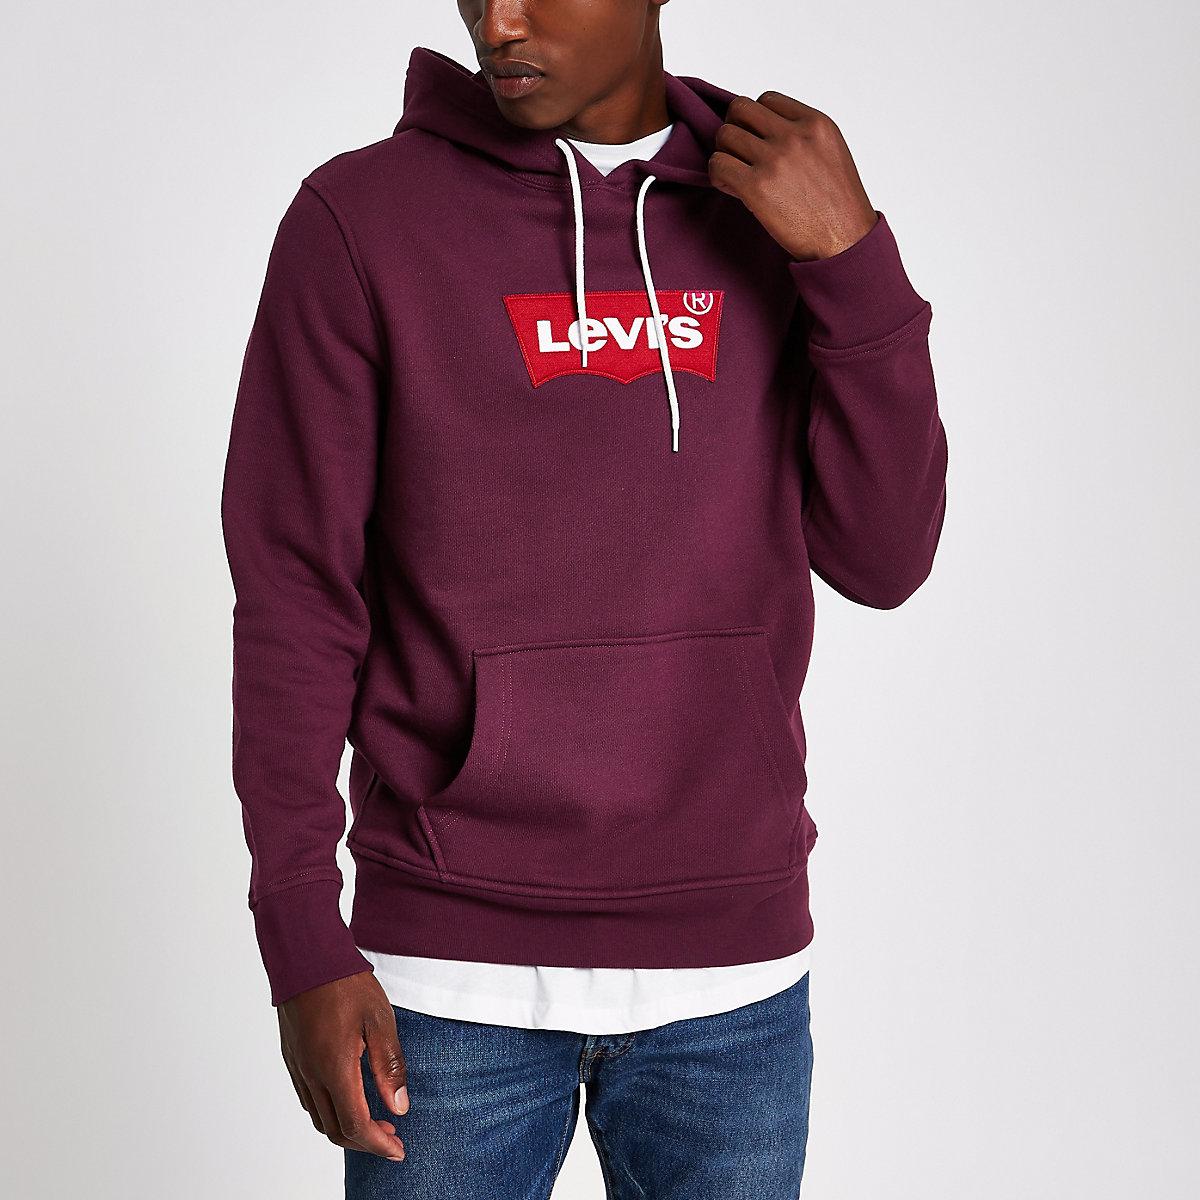 Levi's red print hoodie